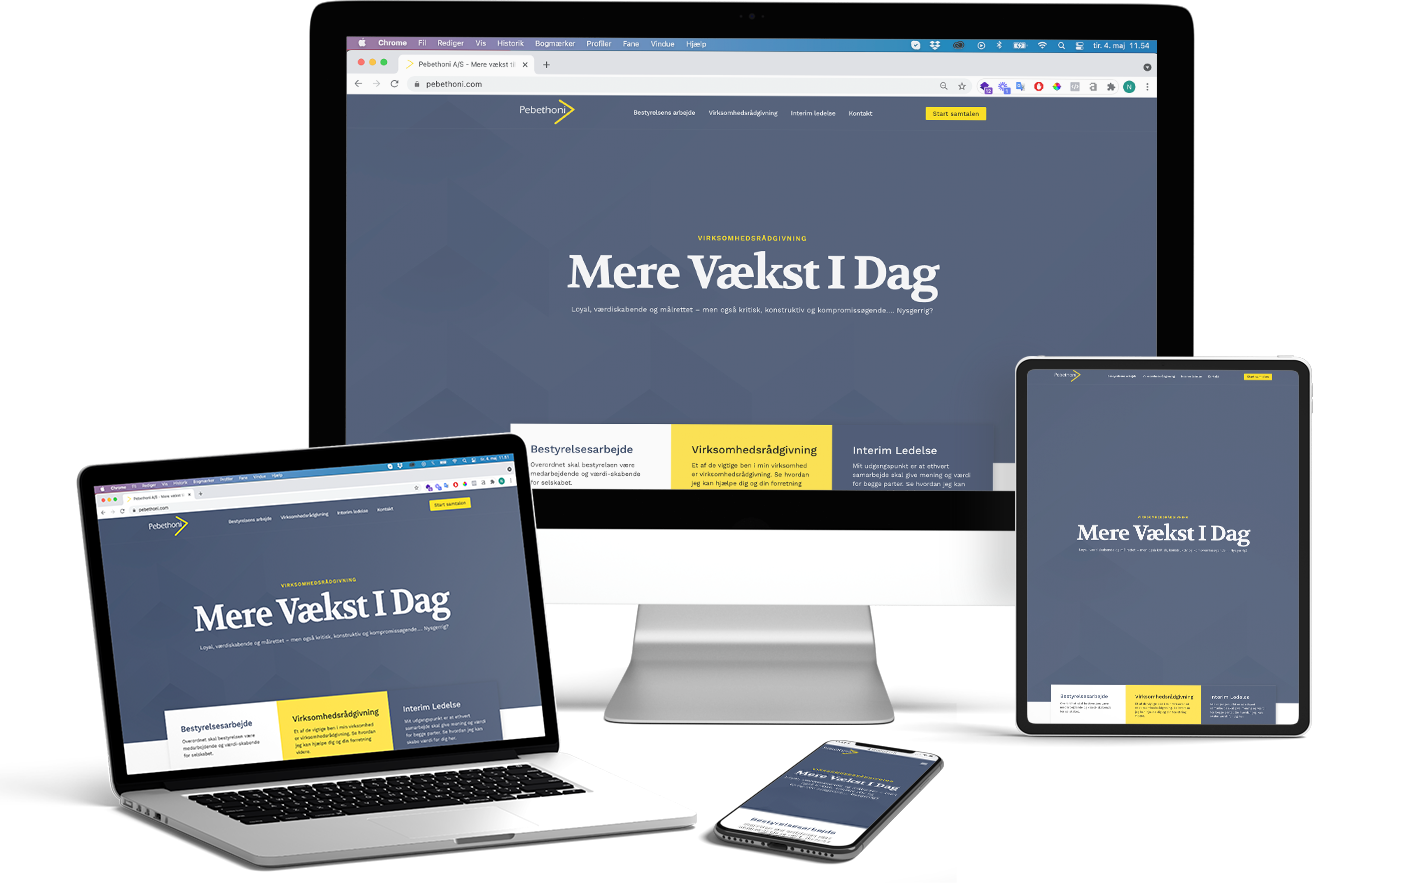 Pebethoni A/S hjemmesiden i respontivt design på macbook, iphone, ipad og imac